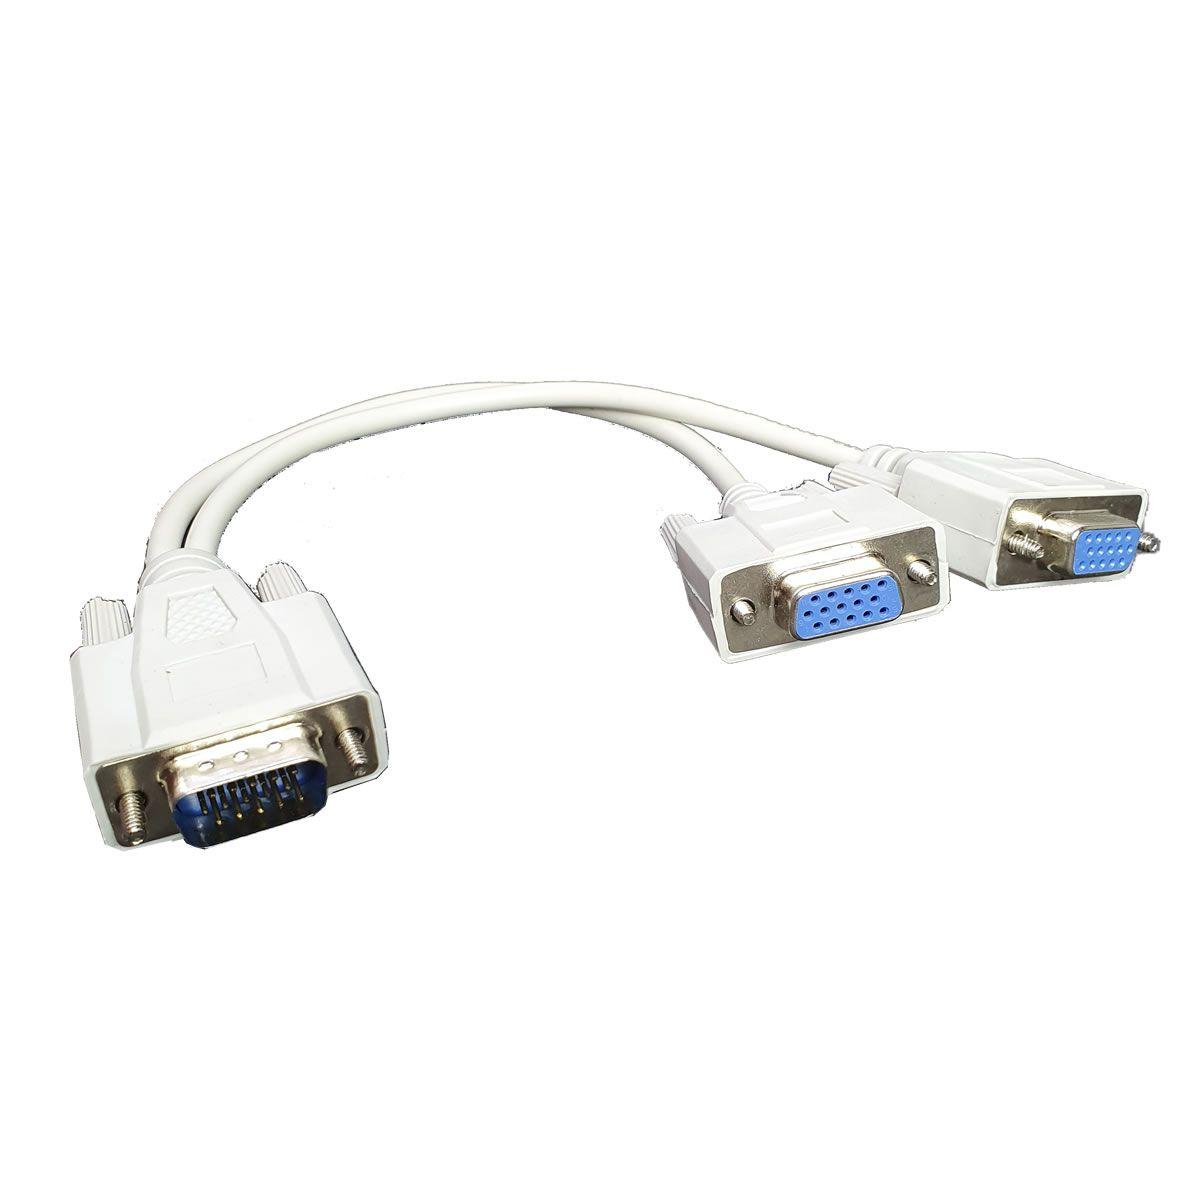 Cabo Y duplicador VGA para 2 monitores 1 VGA Macho X 2 VGA Femea